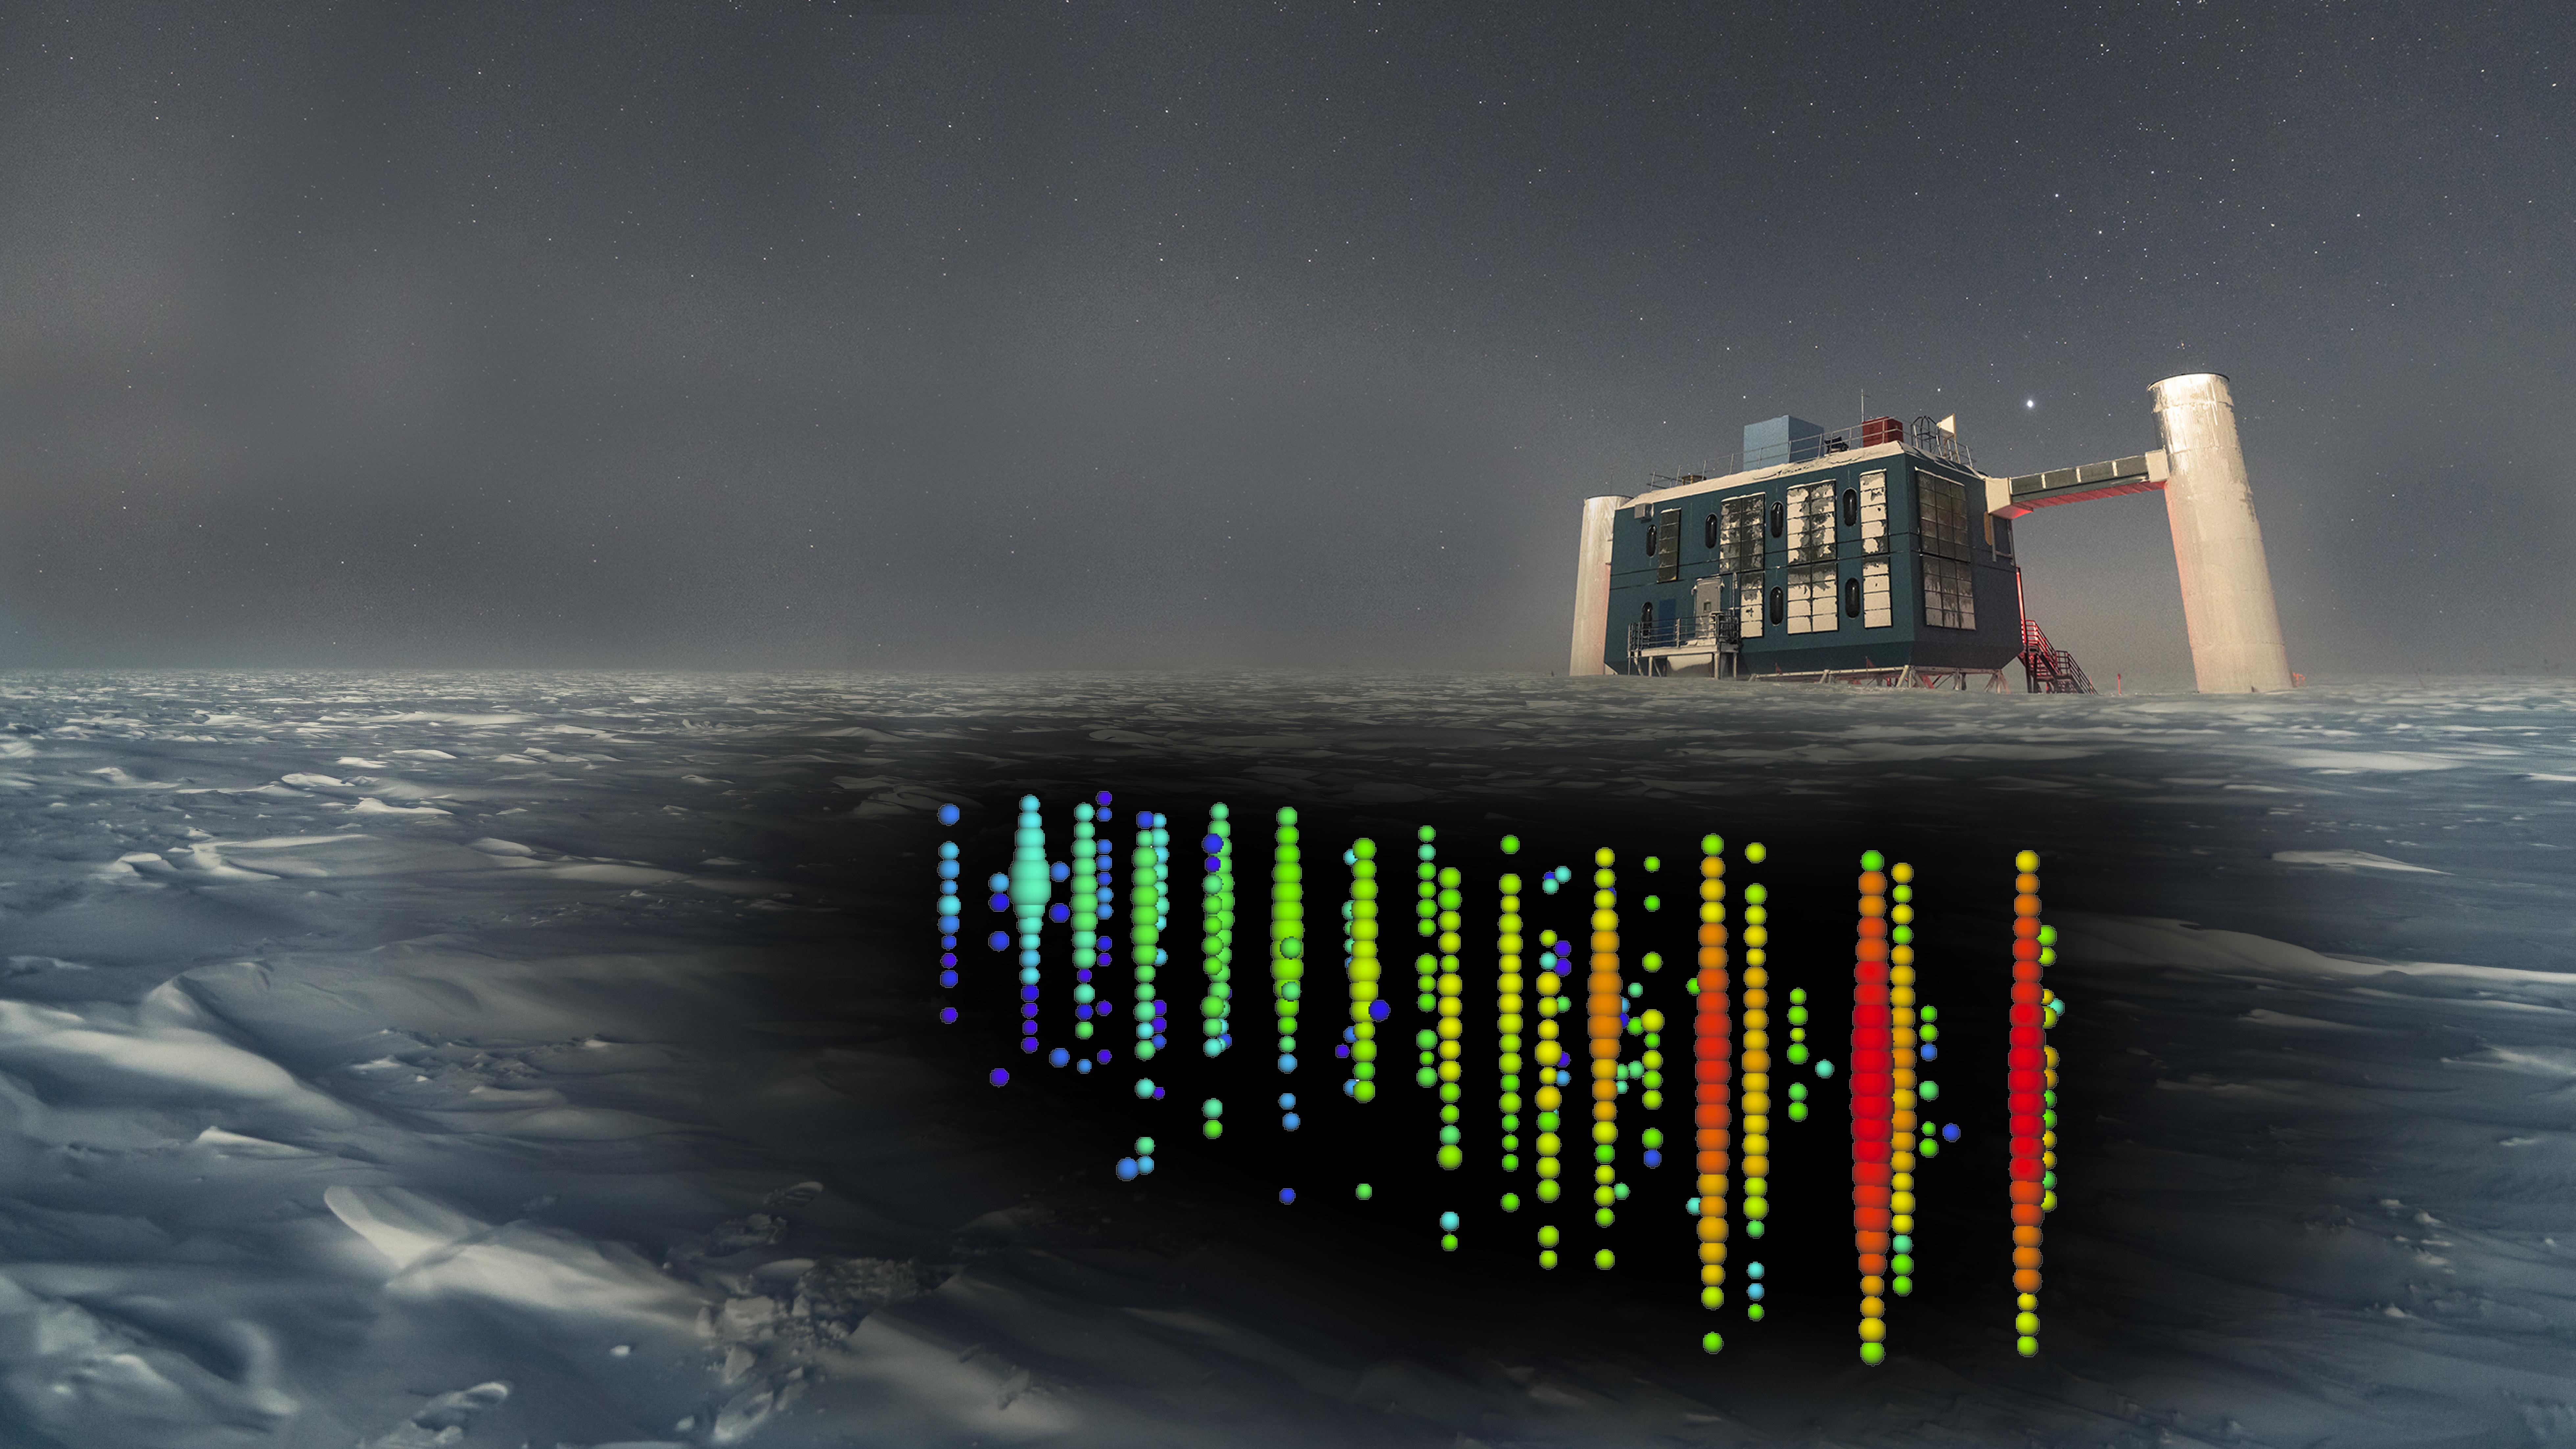 In questo rendering artistico, un'immagine dei sensori basata sulle misurazioni dell'evento neutrino IceCube-170922A